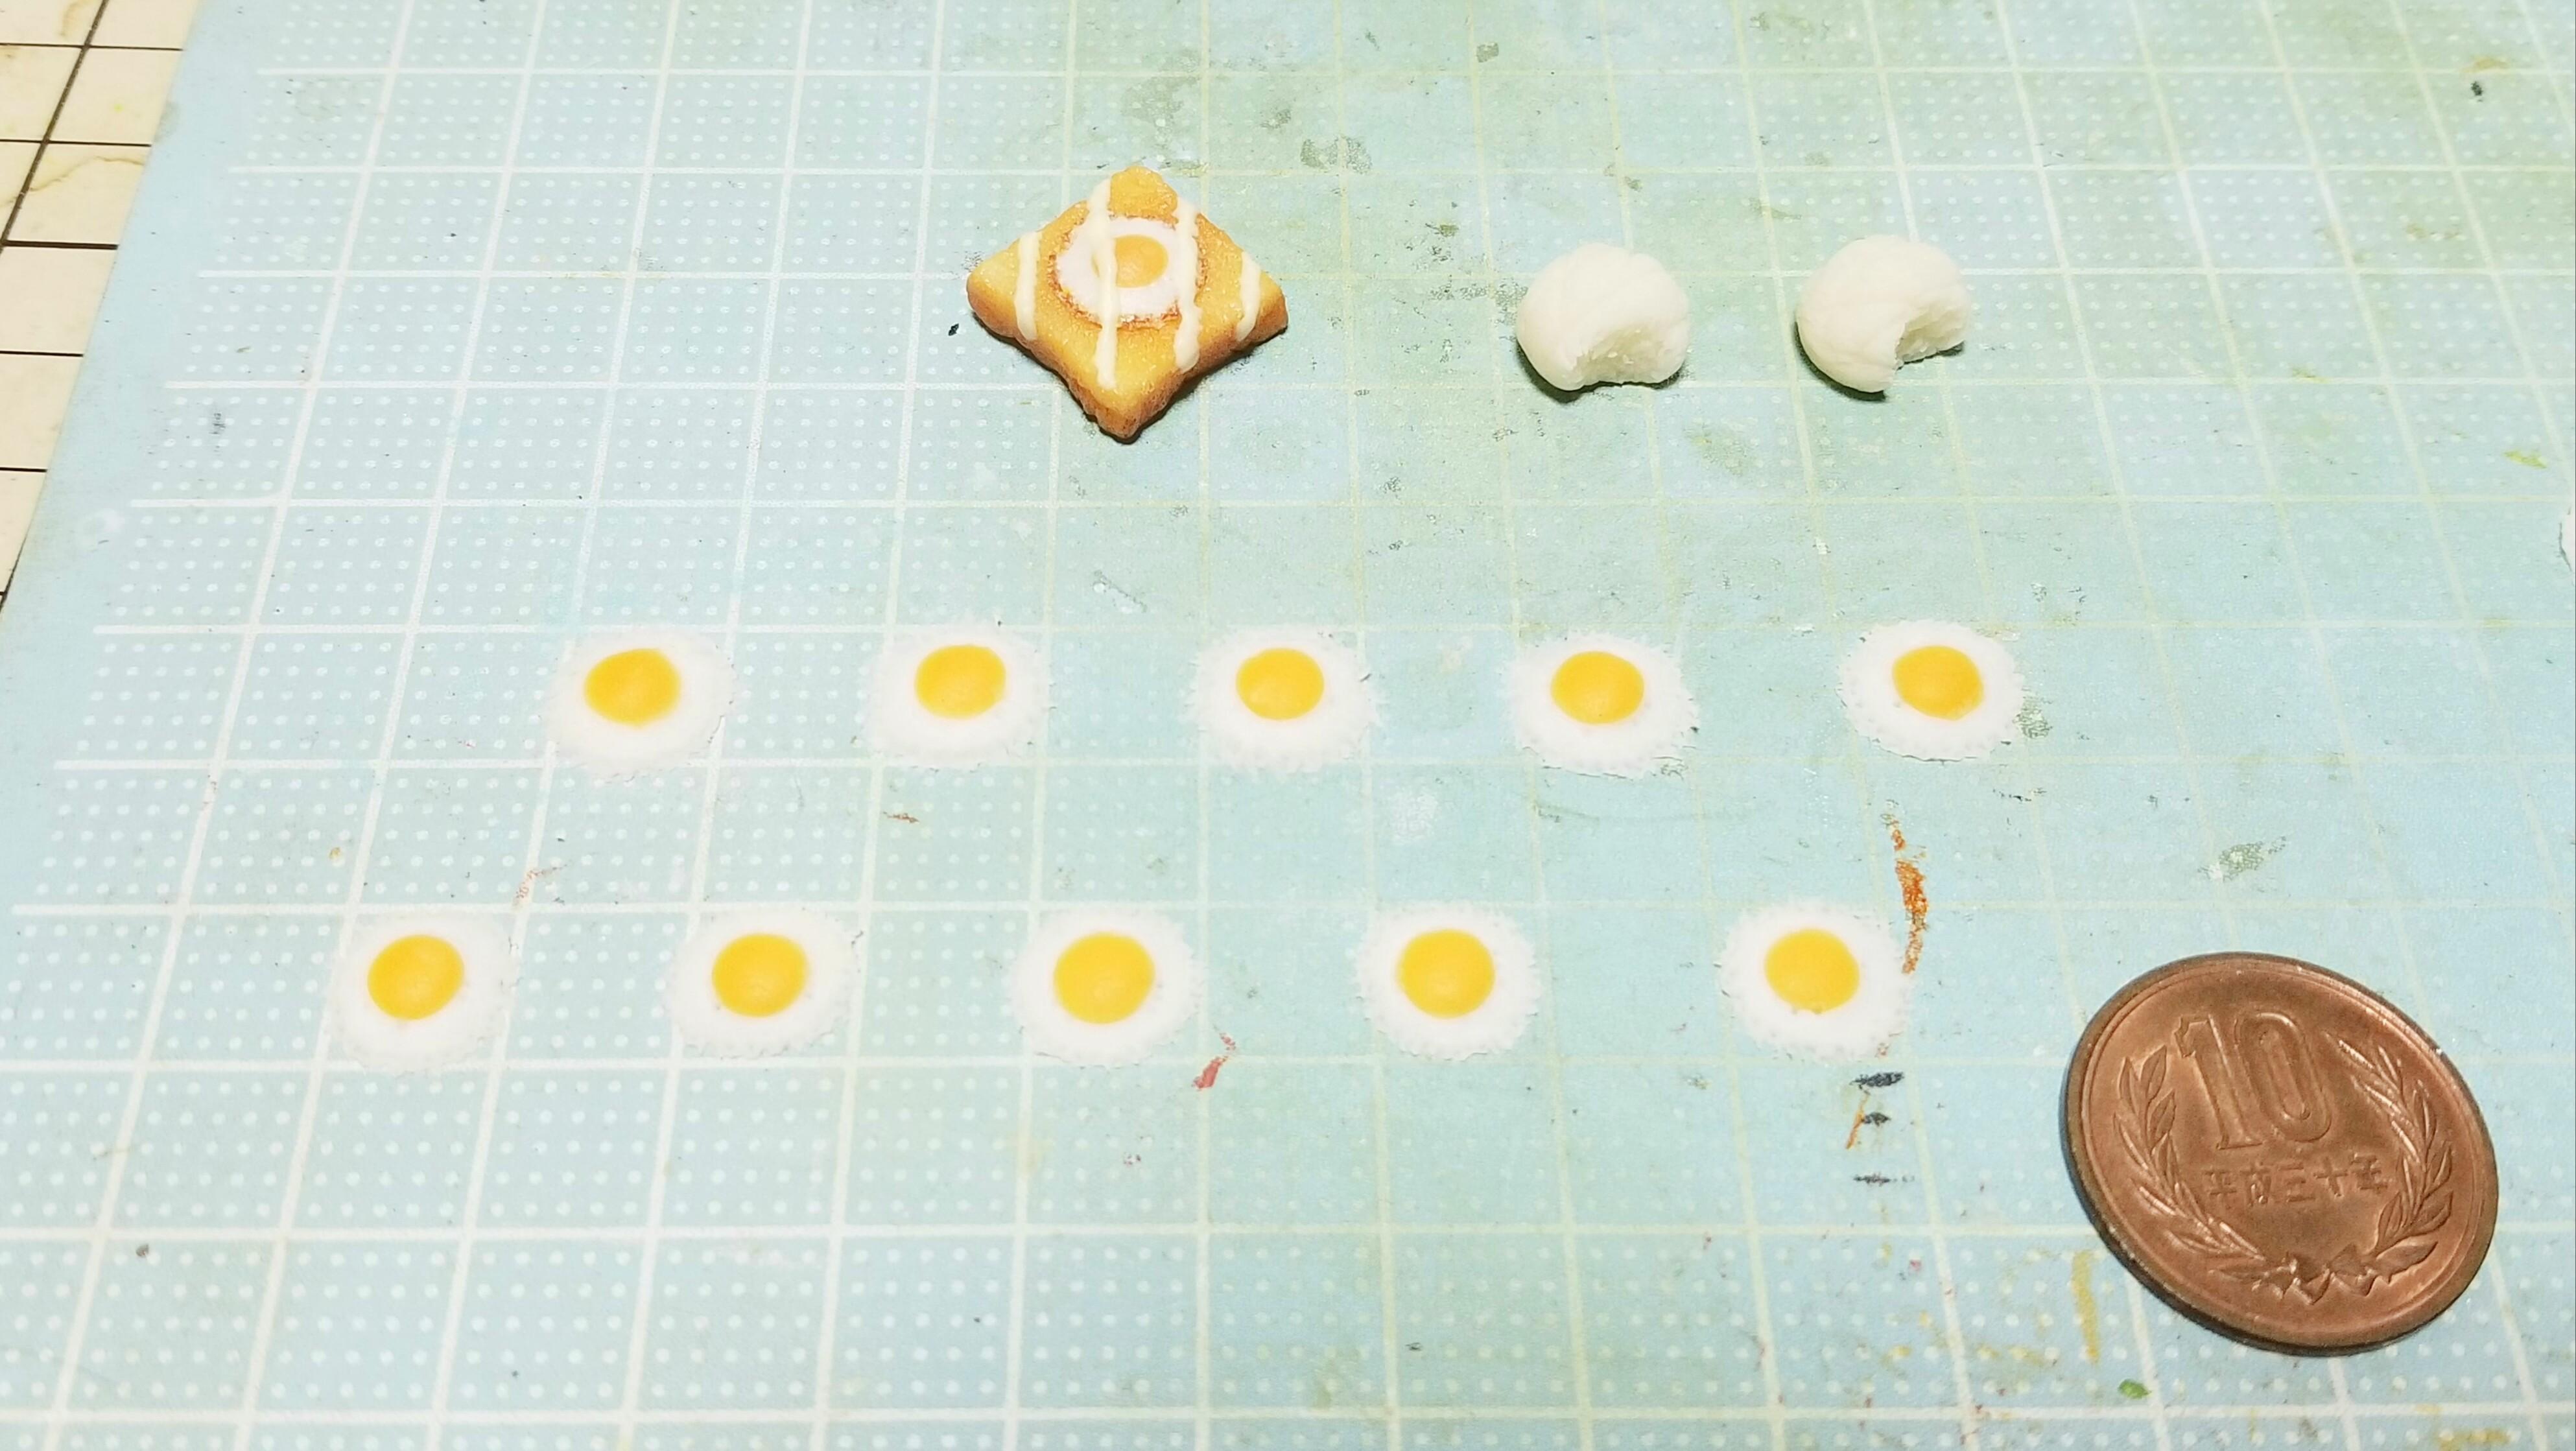 ミニチュアフードフェイク樹脂粘土目玉焼き作り方パンドール用小物